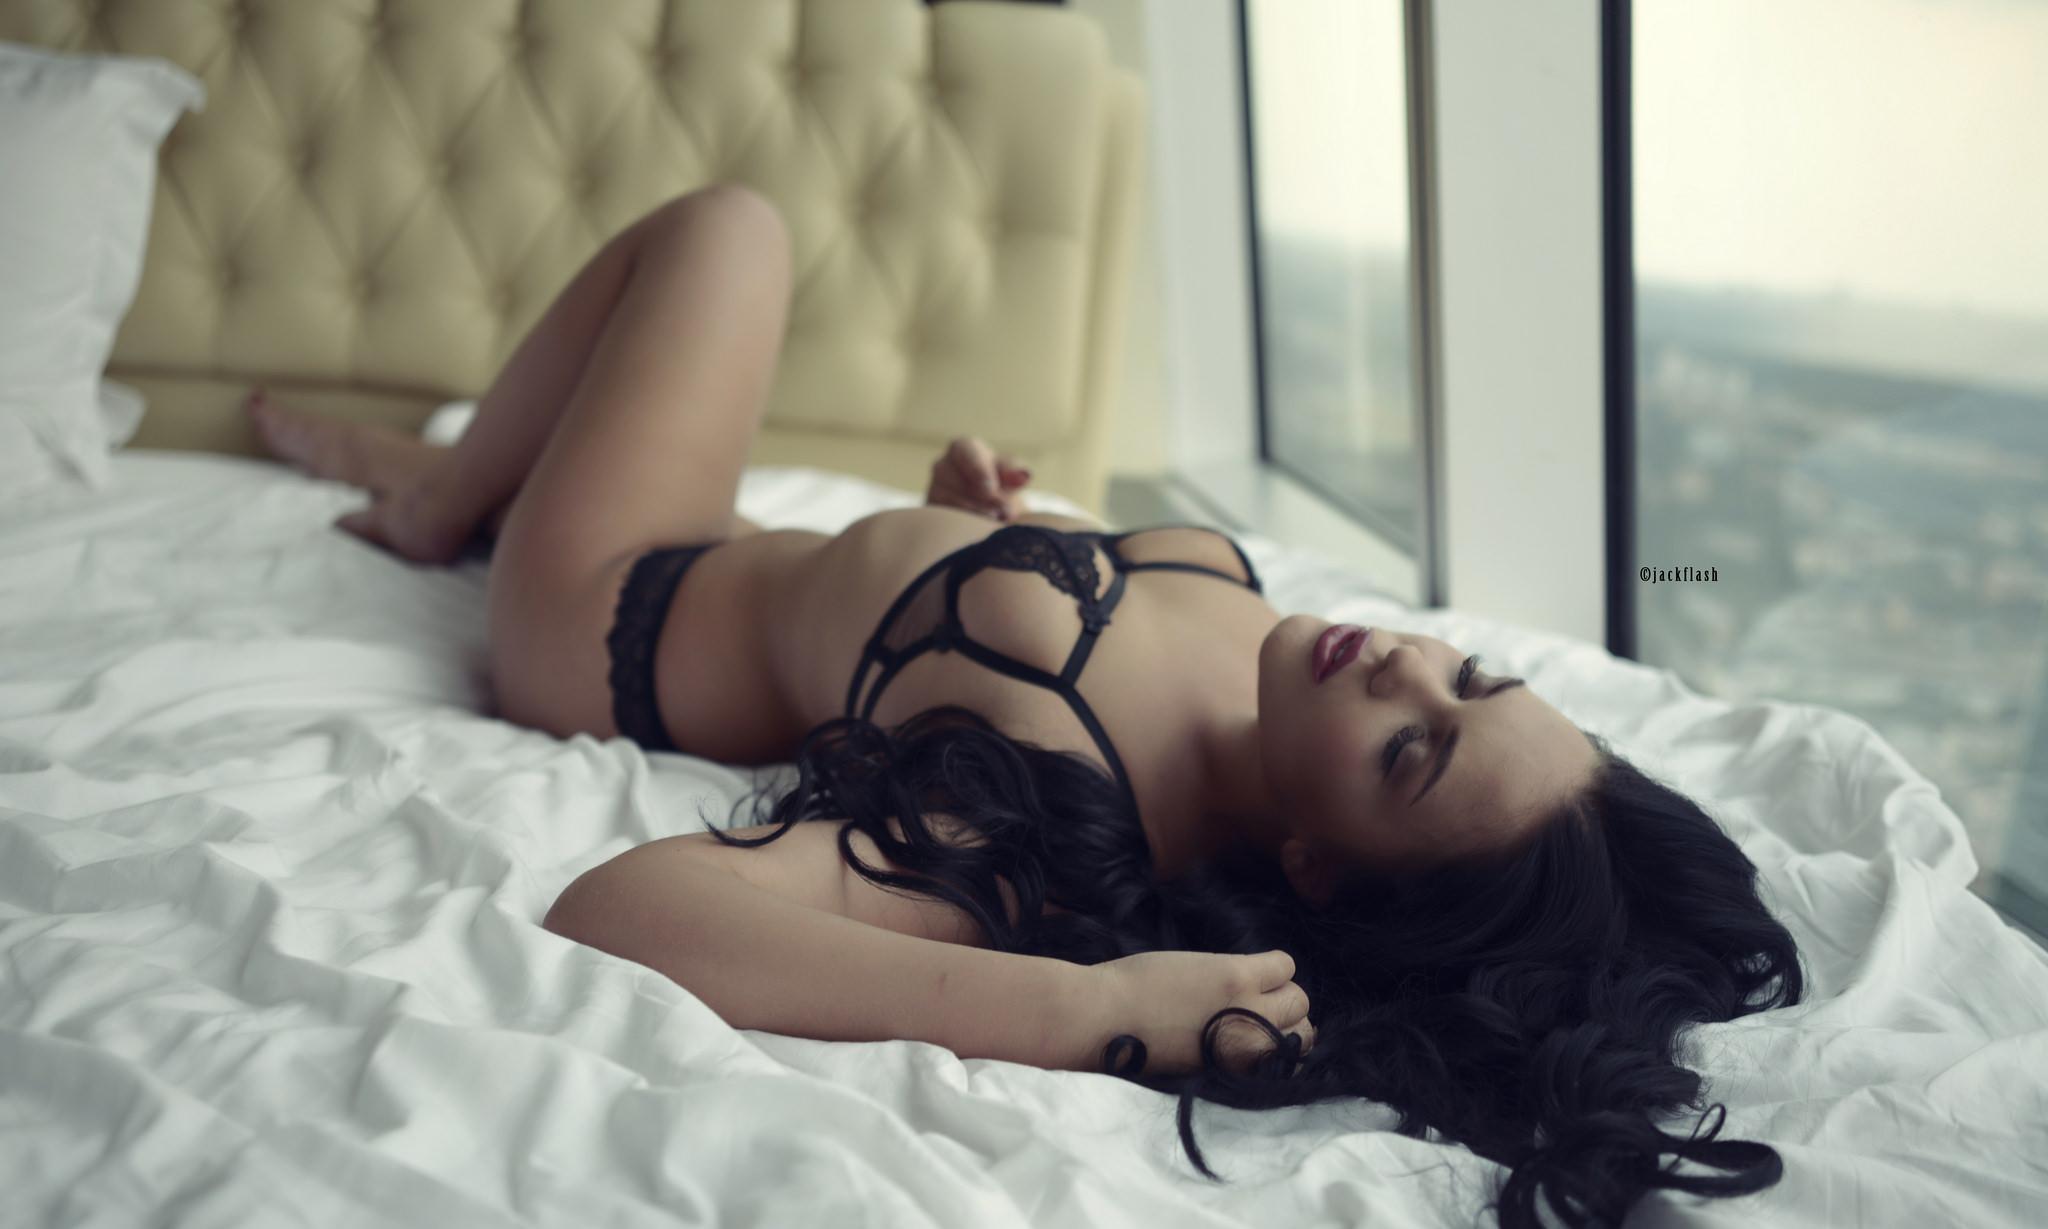 Видео секс привязали к кровати, усыпил и выебал девушку порно